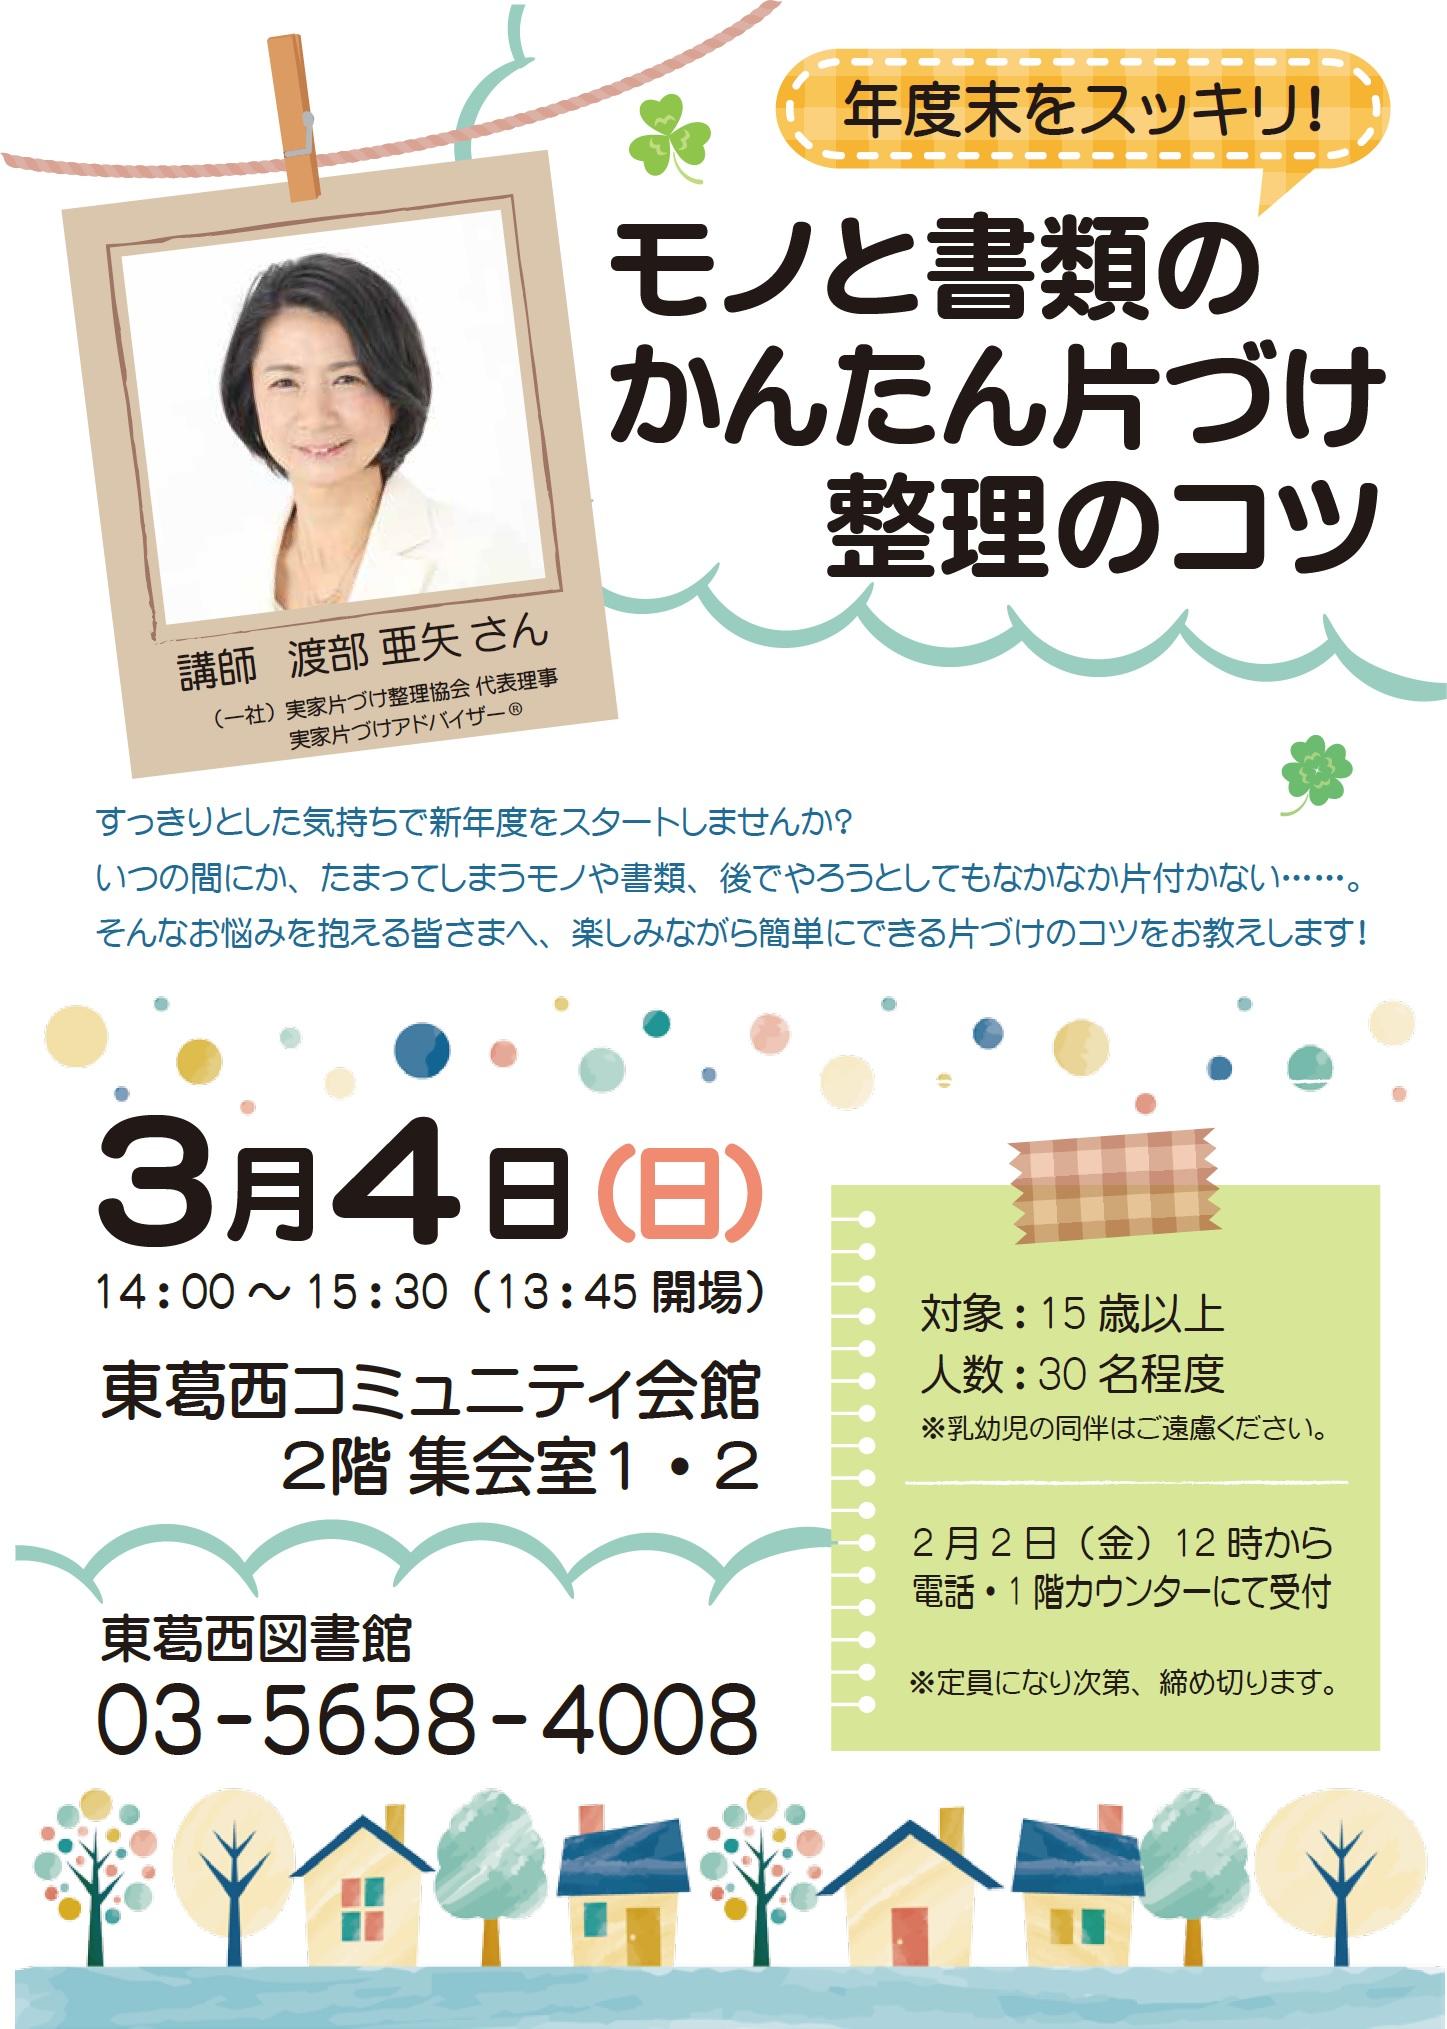 【東京江戸川区】年度末をスッキリ! モノと書類の かんたん片づけ整理のコツ